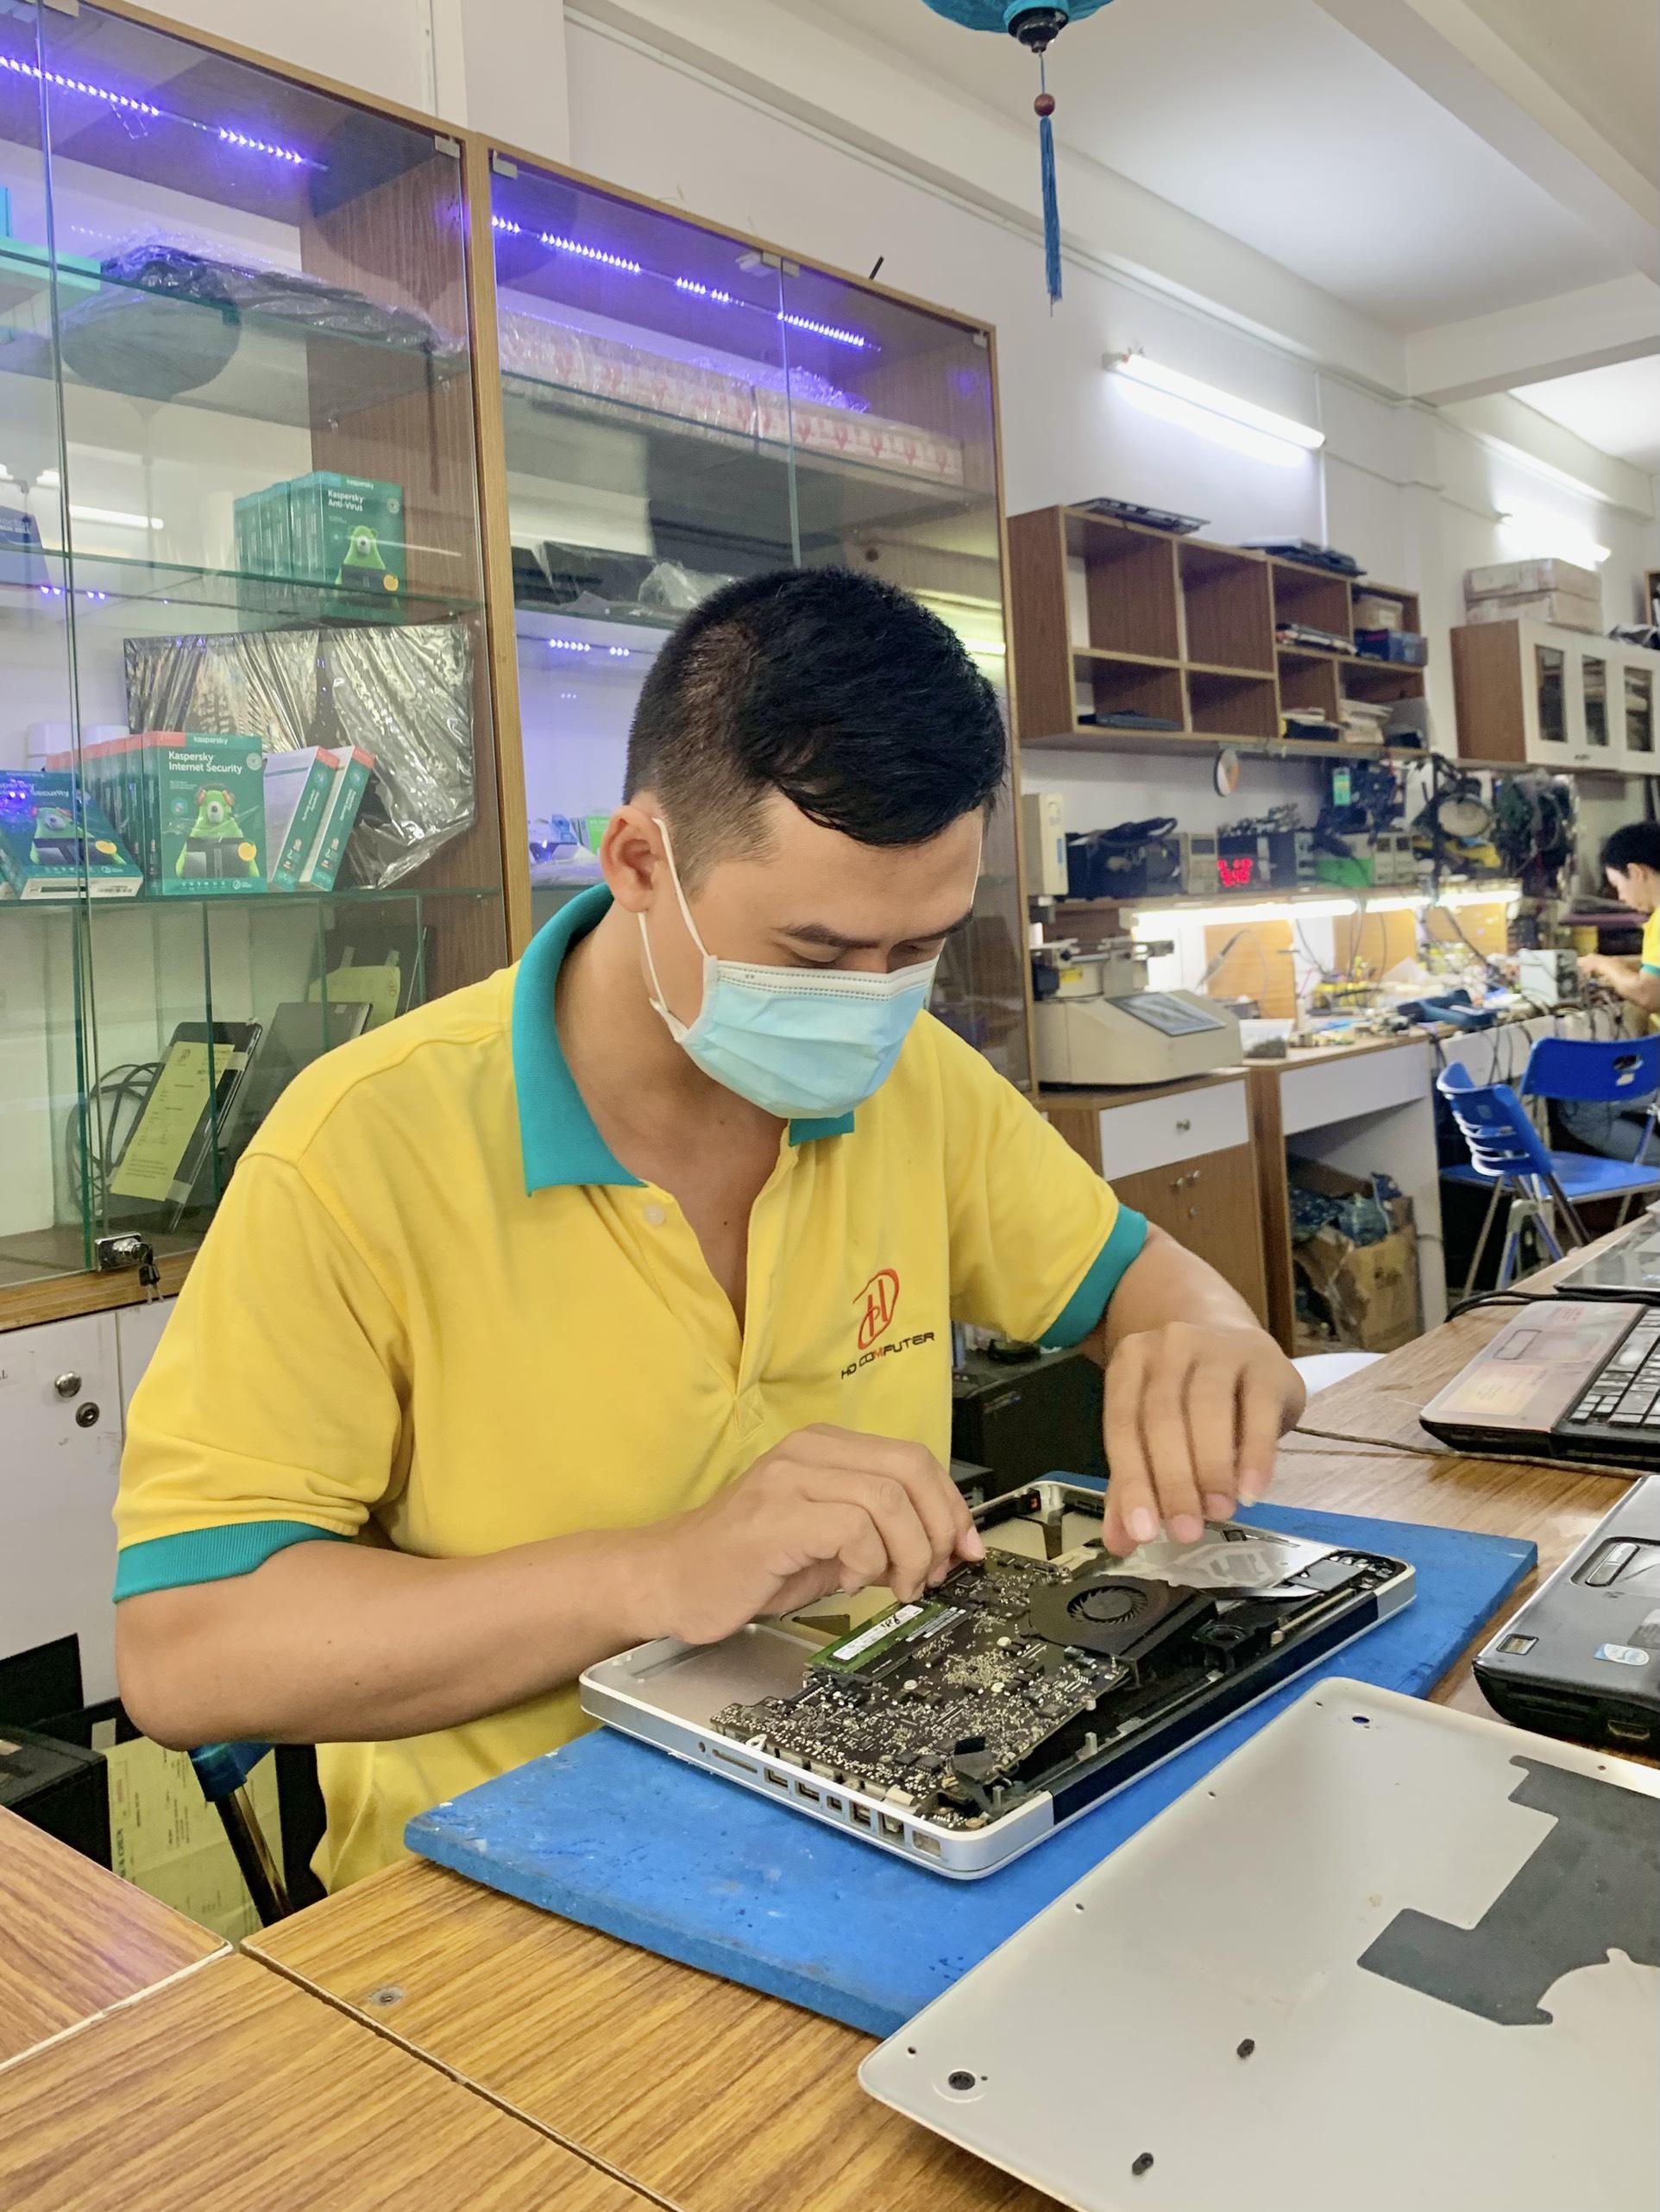 Dịch vụ vệ sinh macbook hcm uy tín nhất